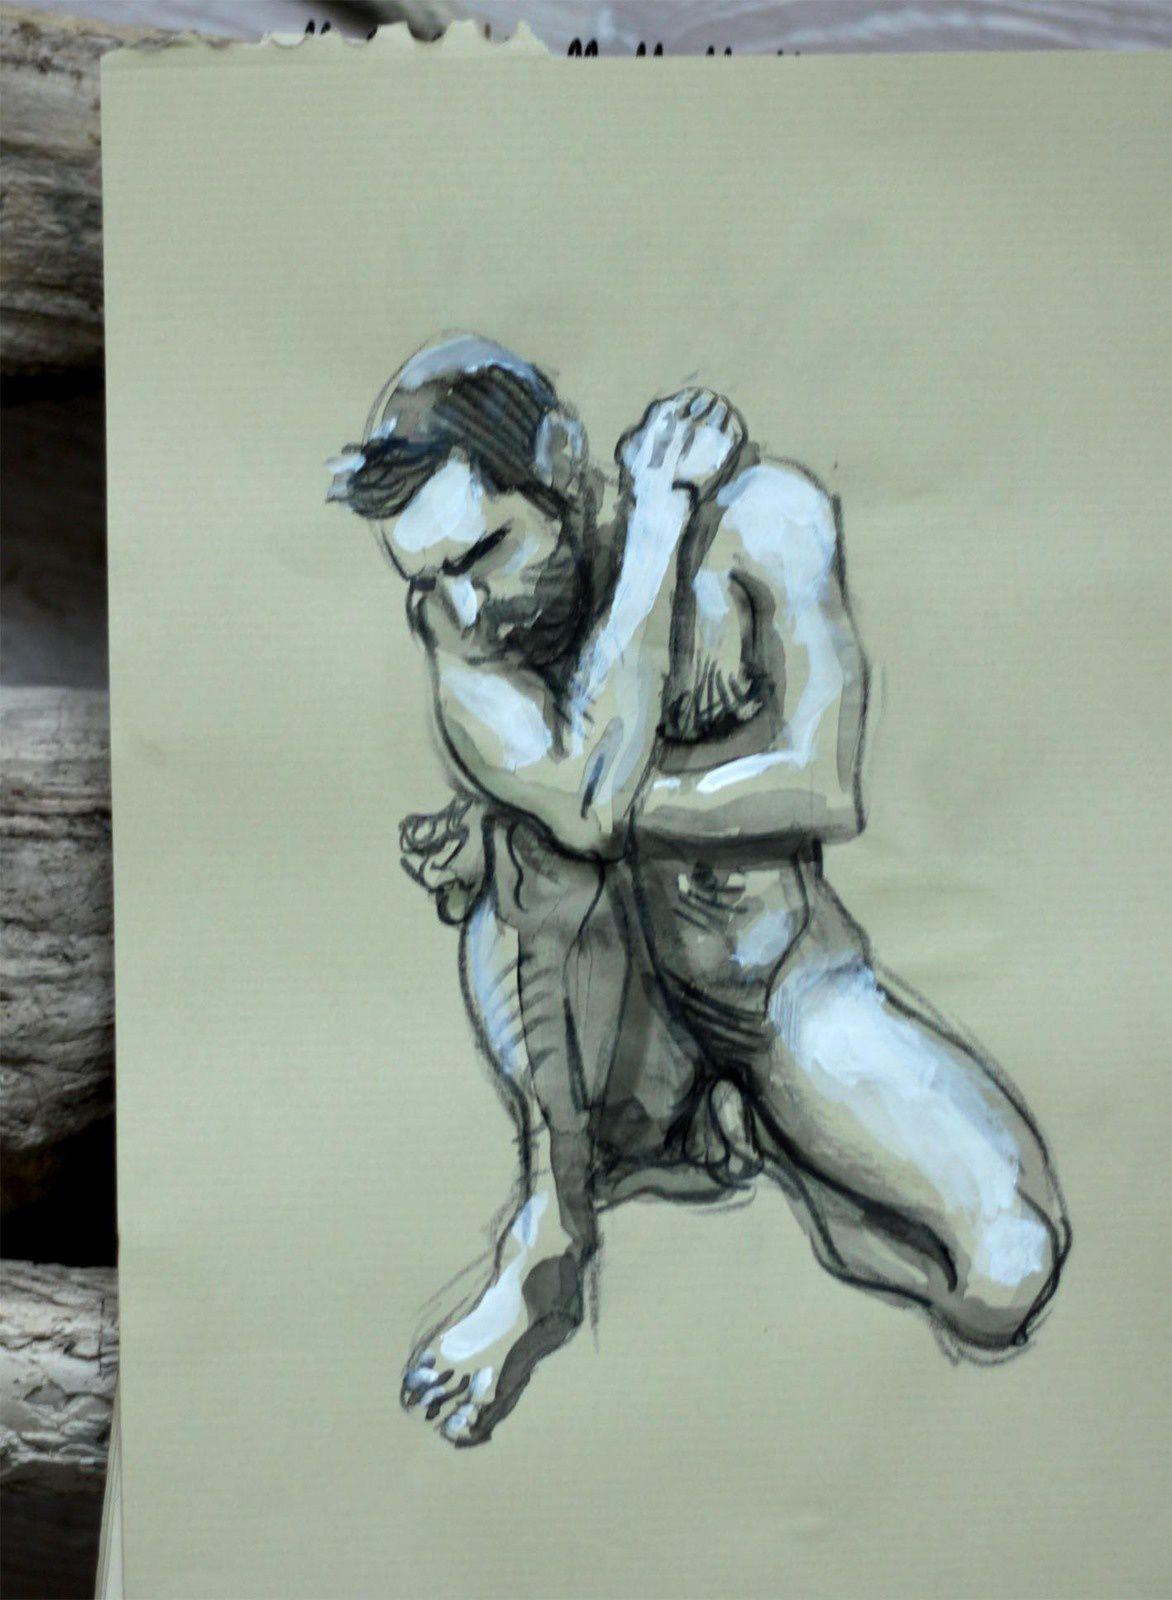 Modèle Vivant : pose de 10 minutes au crayon graphite, encre et acrylique sur du papier kraft / Life-drawing : required time of 10 minutes, graphite pencil, ink & acrylic paint on a kraft paper